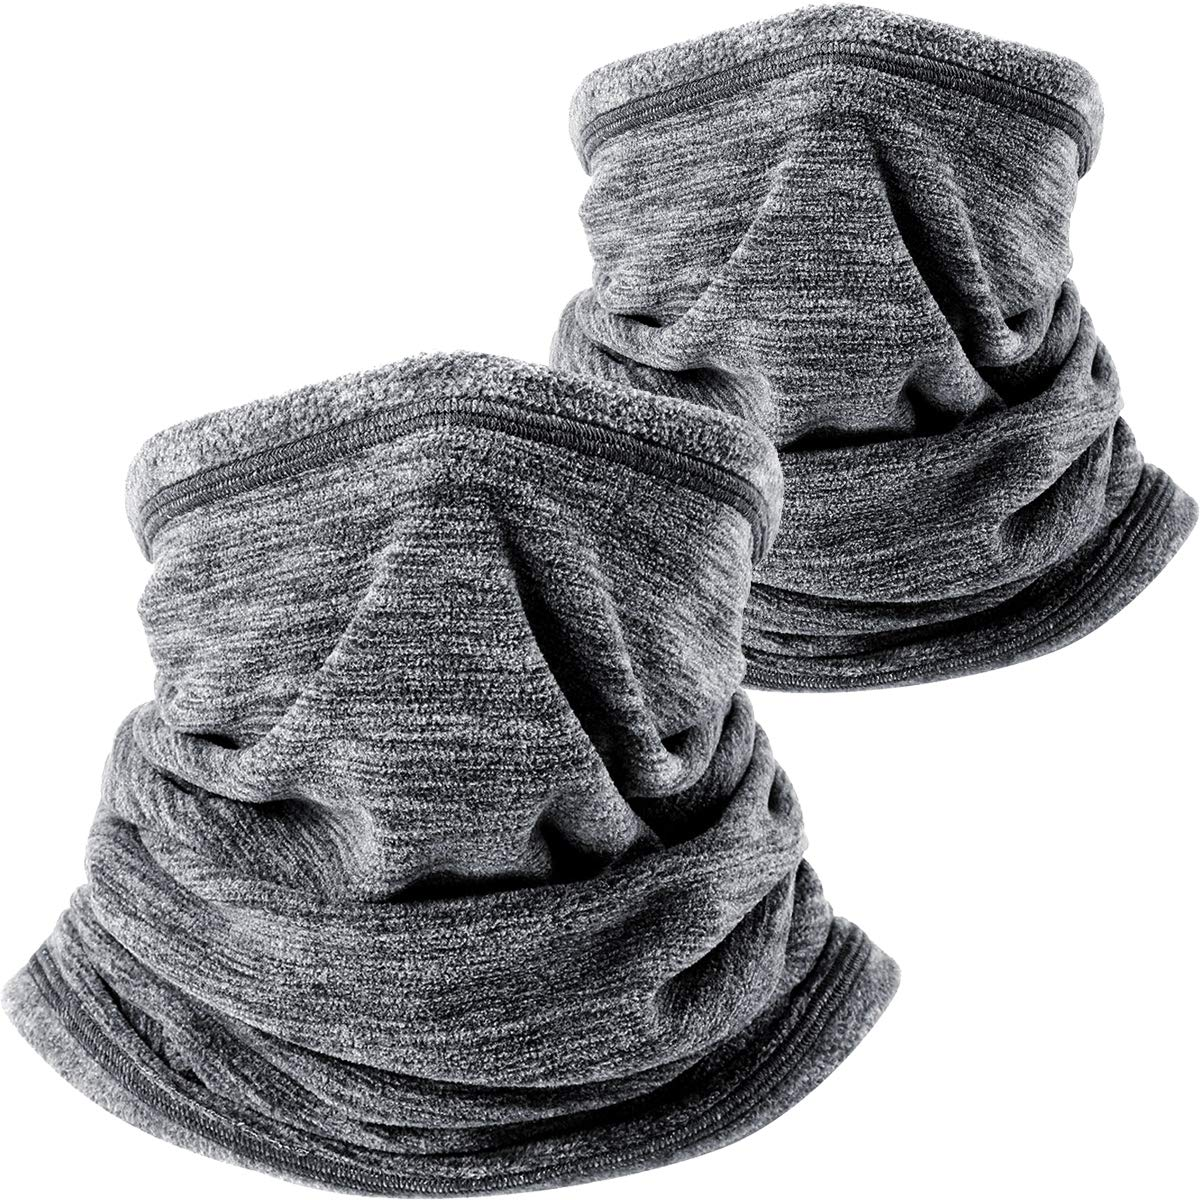 Wtactful Lot de 2 caches-cou en polaire, é charpe de maintien au chaud pour temps les sports d' hiver écharpe de maintien au chaud pour temps les sports d' hiver AA-C-02